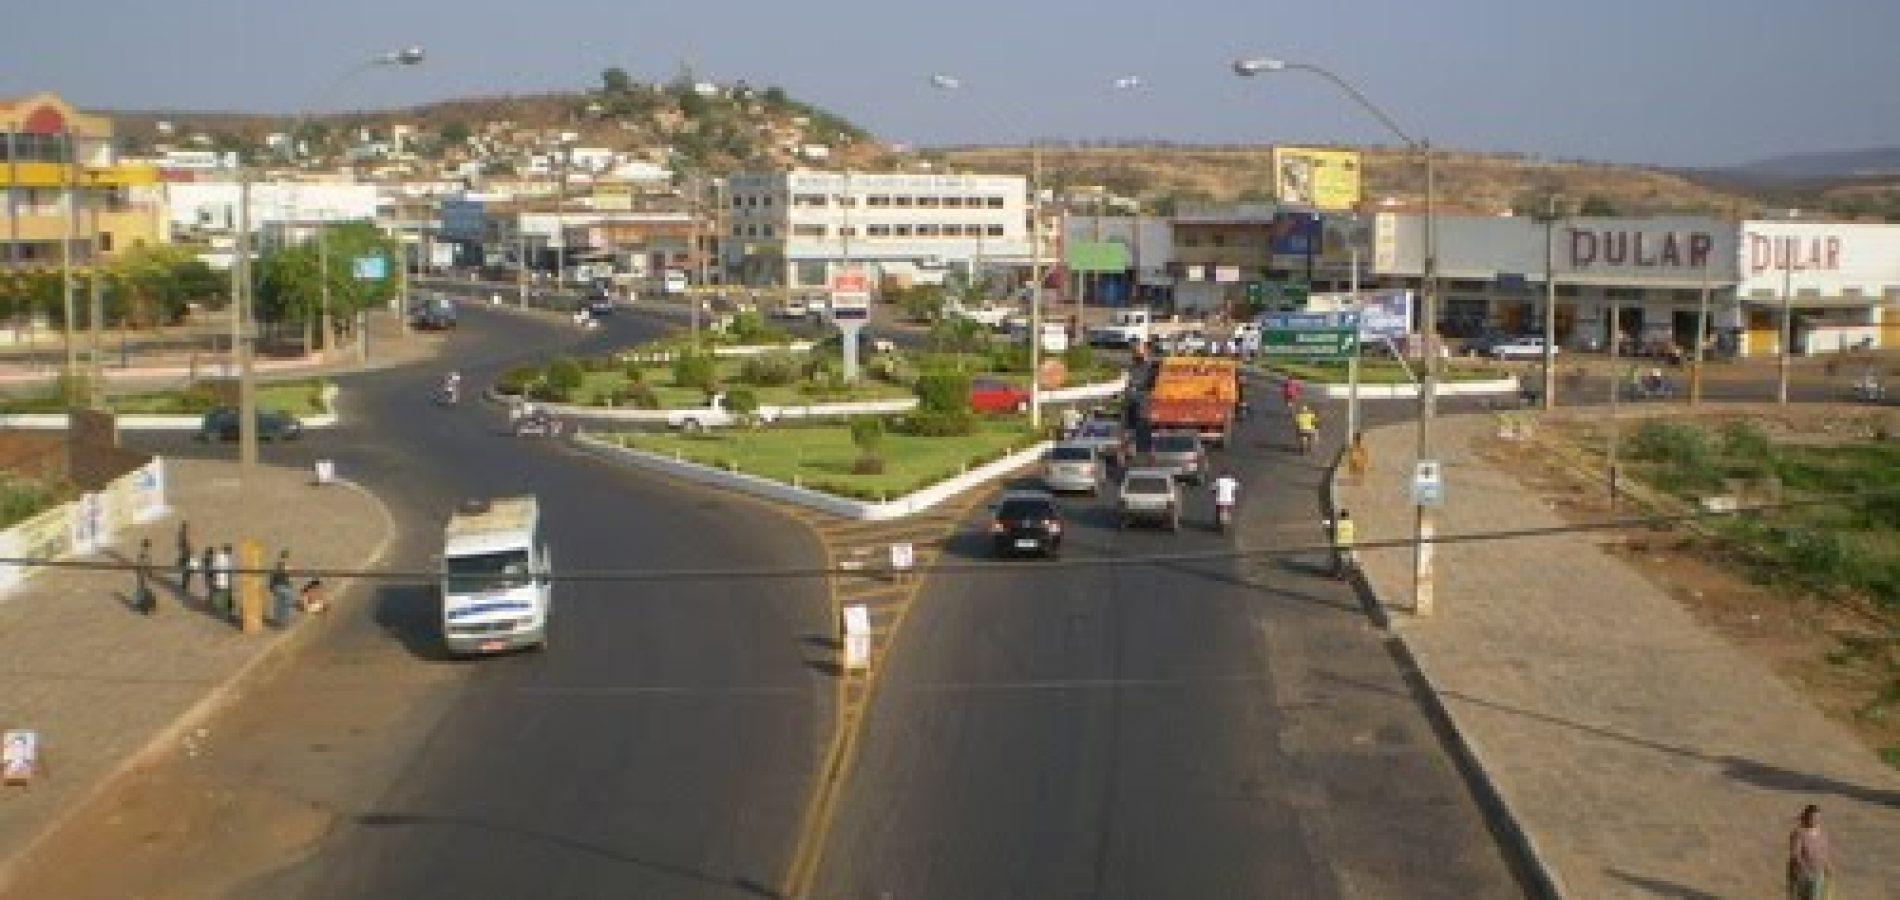 Assaltantes roubam R$ 18 mil de estabelecimento comercial em Picos